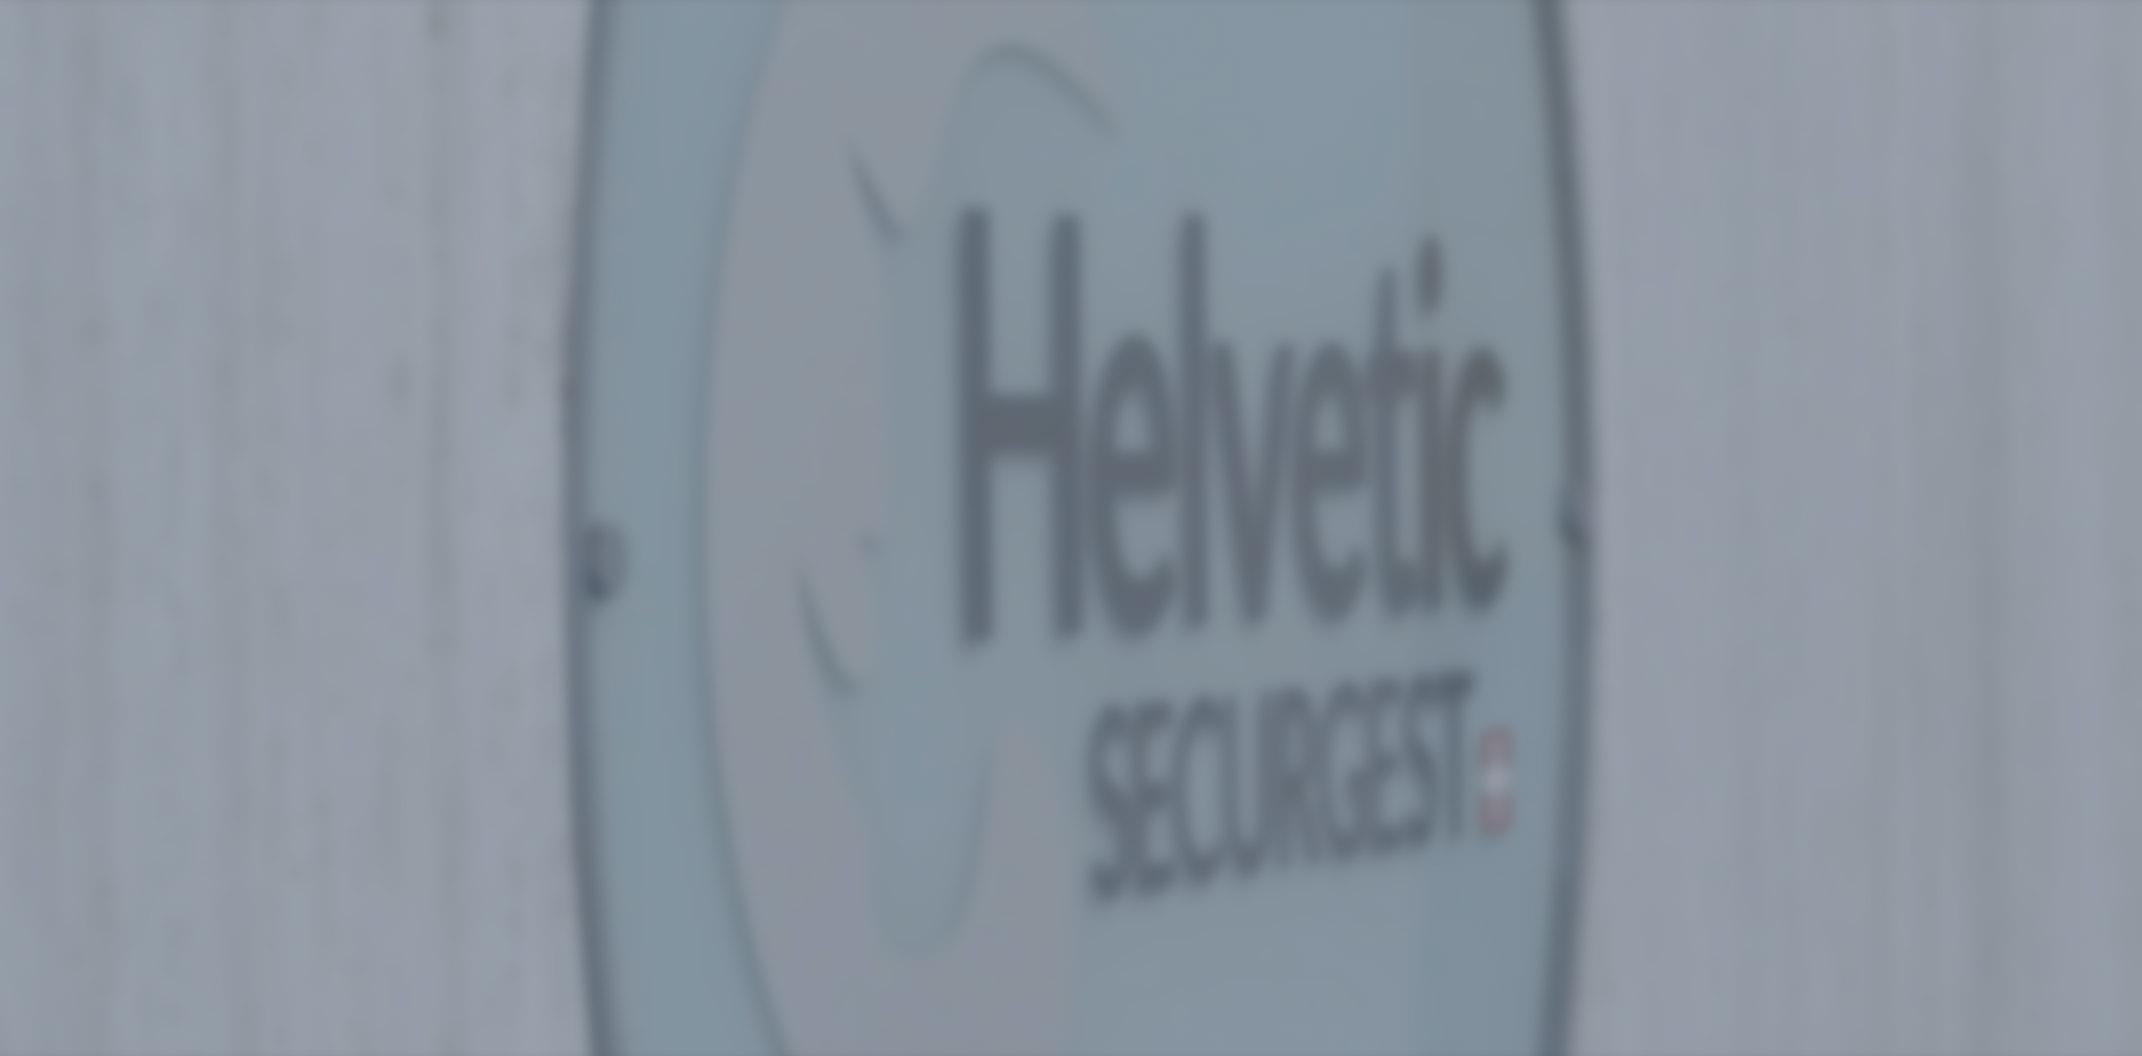 Custodisce i tuoi beni più preziosi | Cassette di sicurezza Ticino Svizzera